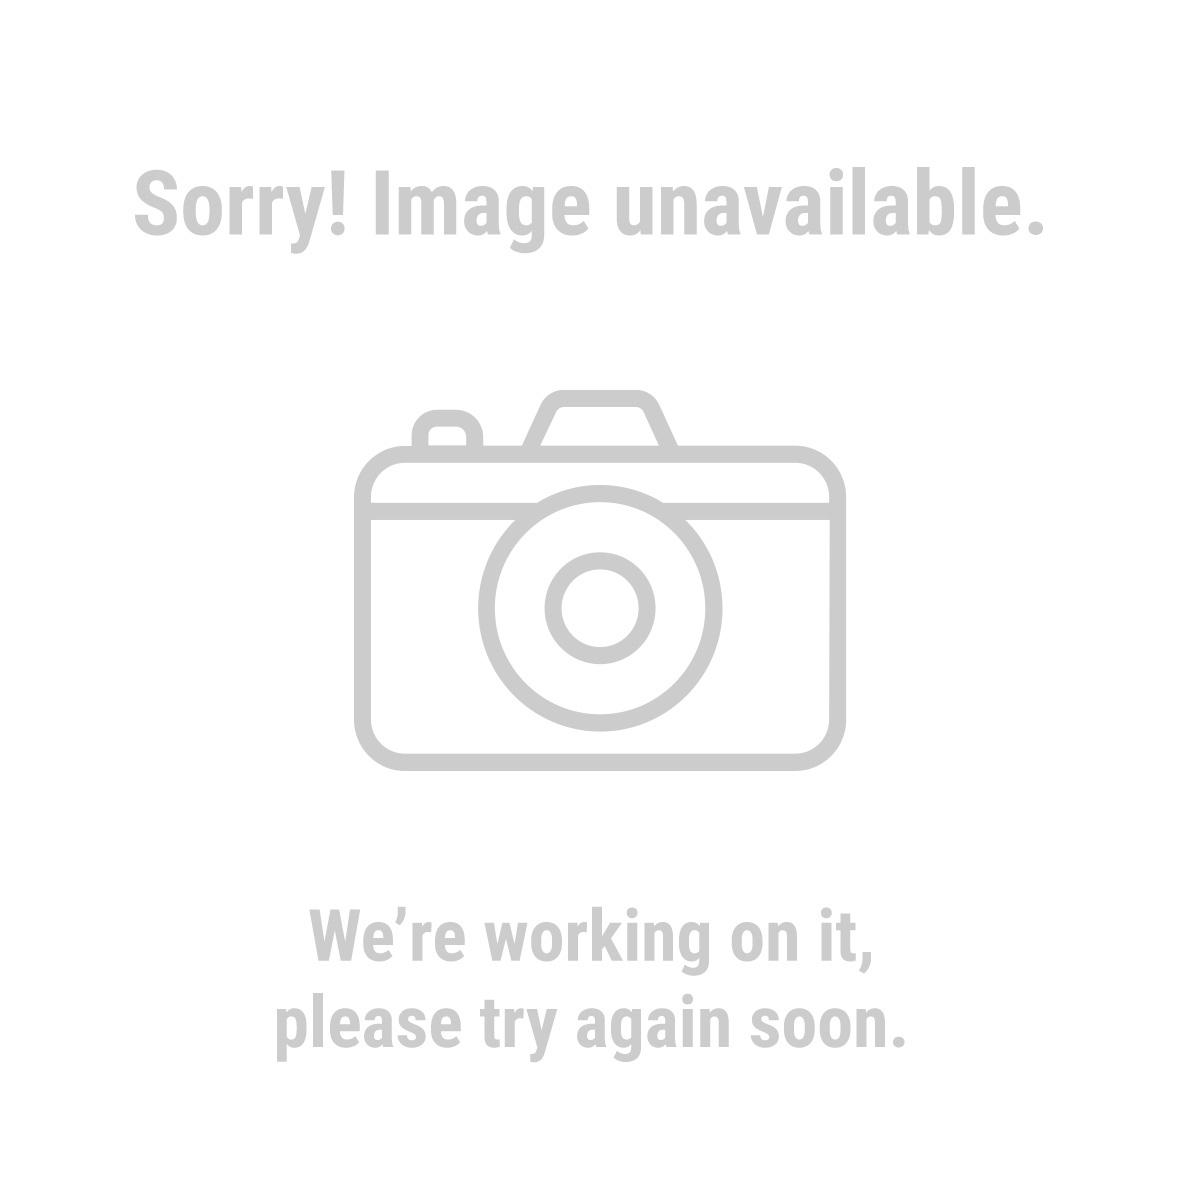 Pittsburgh Automotive 61740 12 Volt, 250 PSI Compact Air Compressor